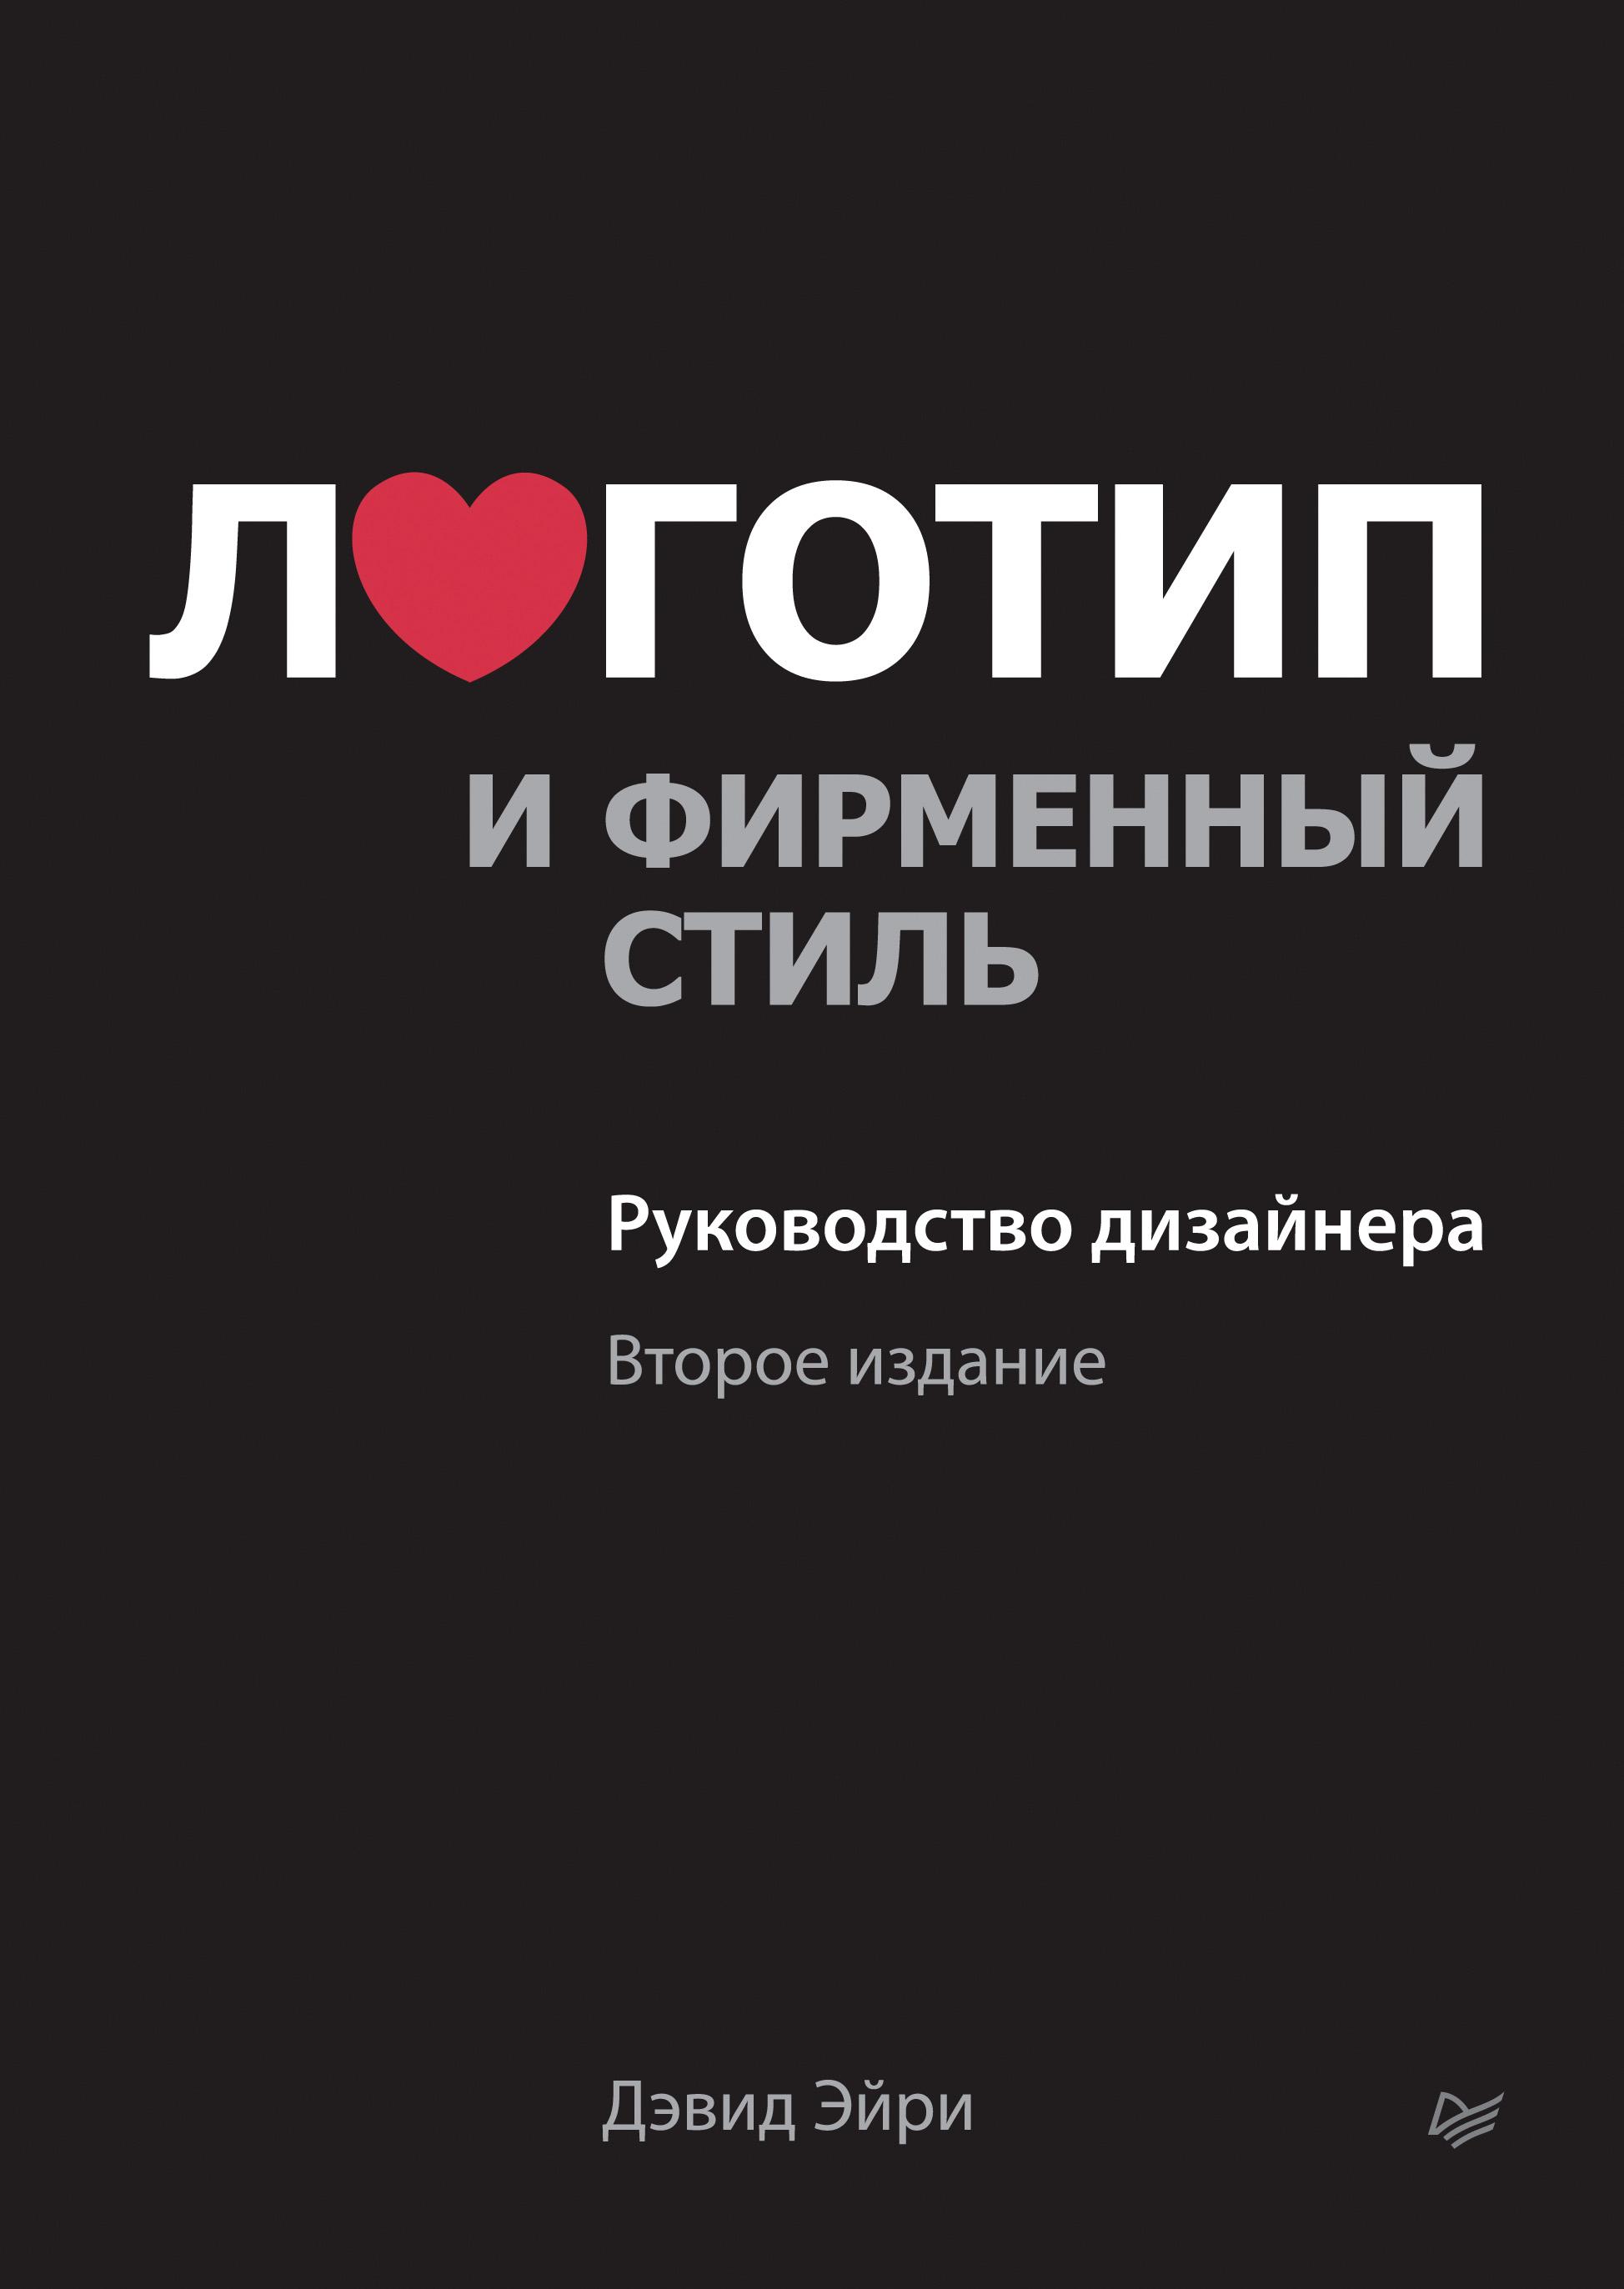 Логотип и фирменный стиль. Руководство дизайнера (2-е издание)